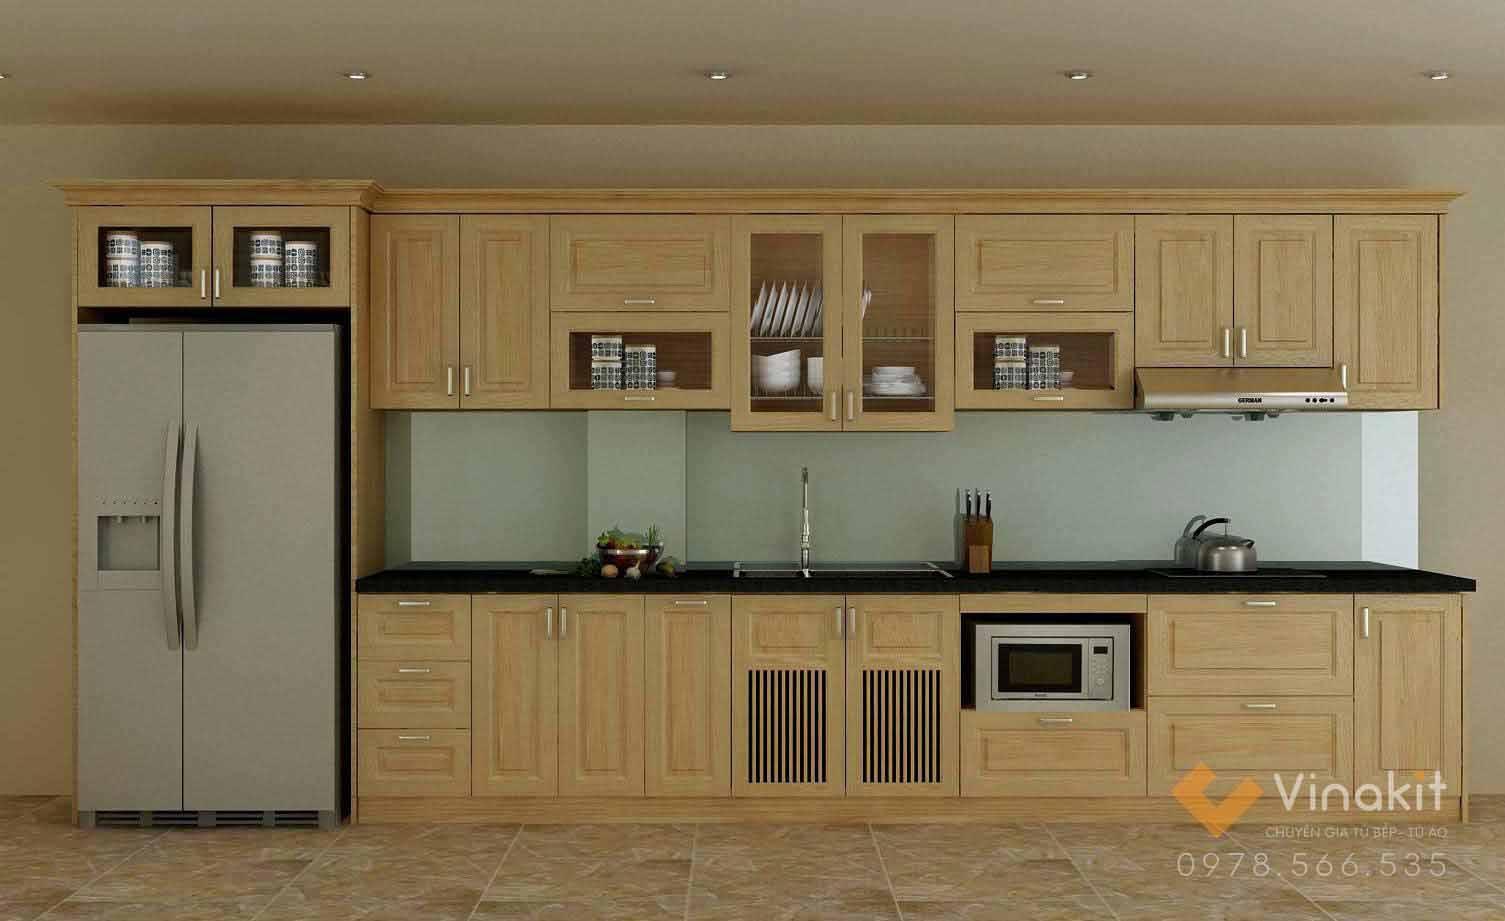 Ảnh: Một bộ tủ bếp gỗ tần bì